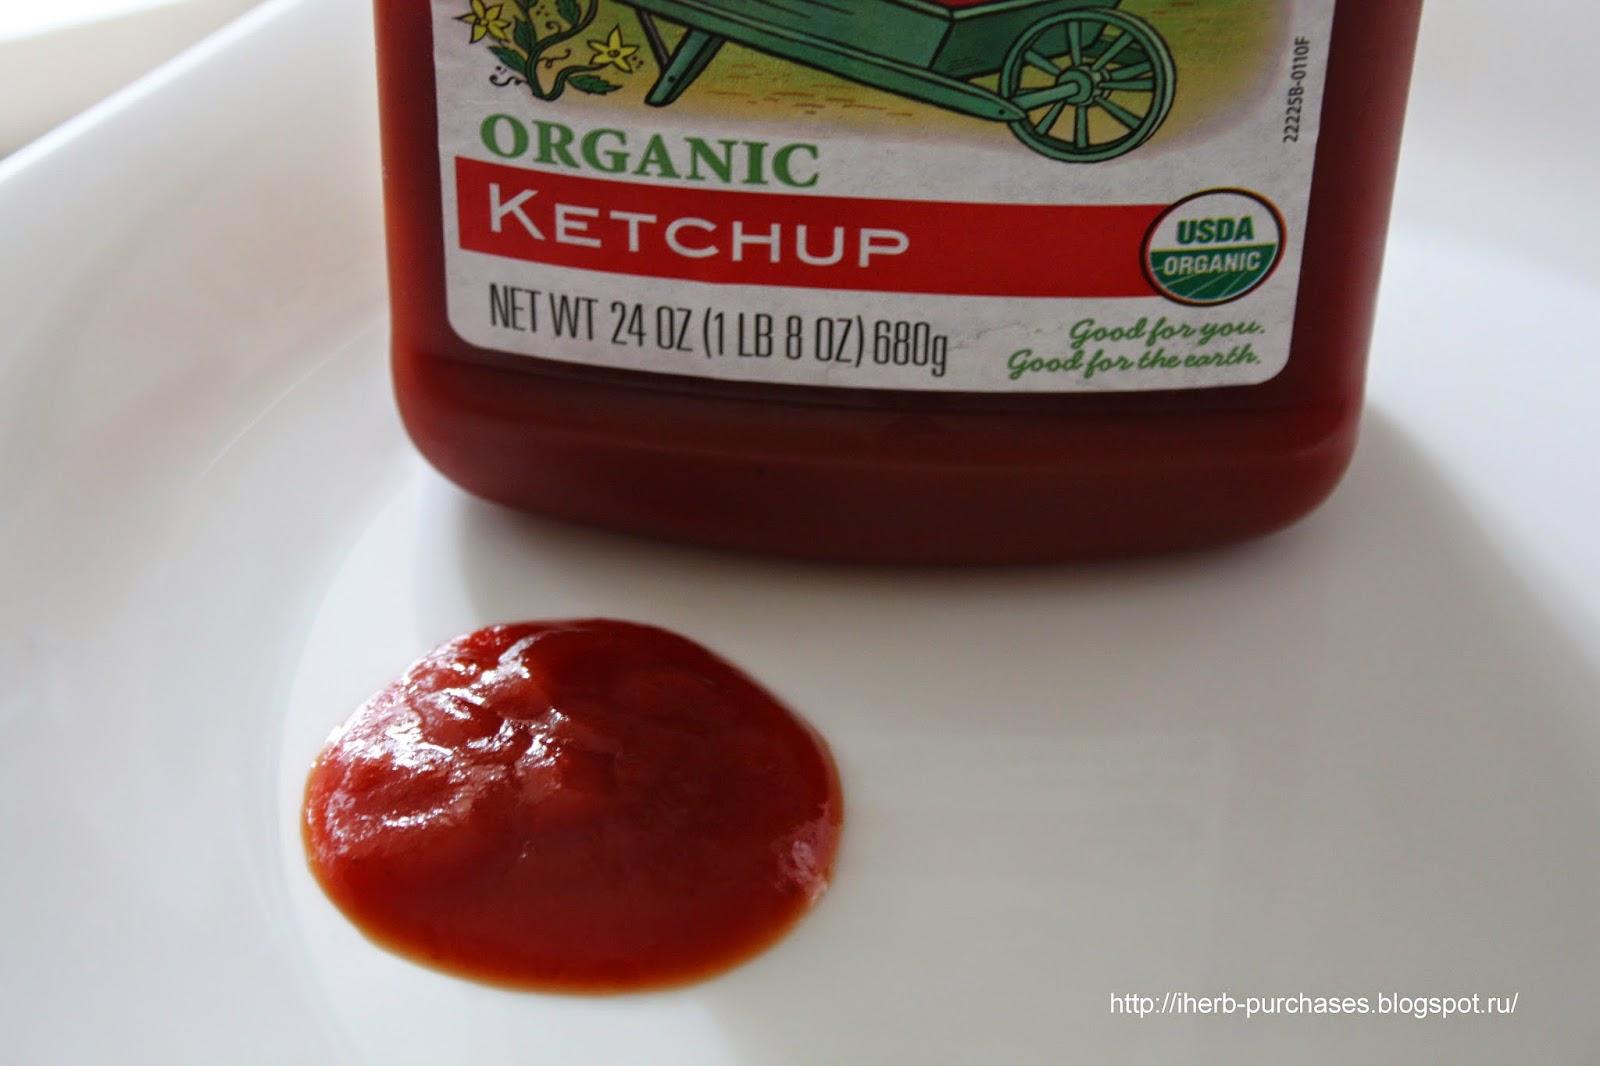 натуральный кетчуп органический отзыв iherb